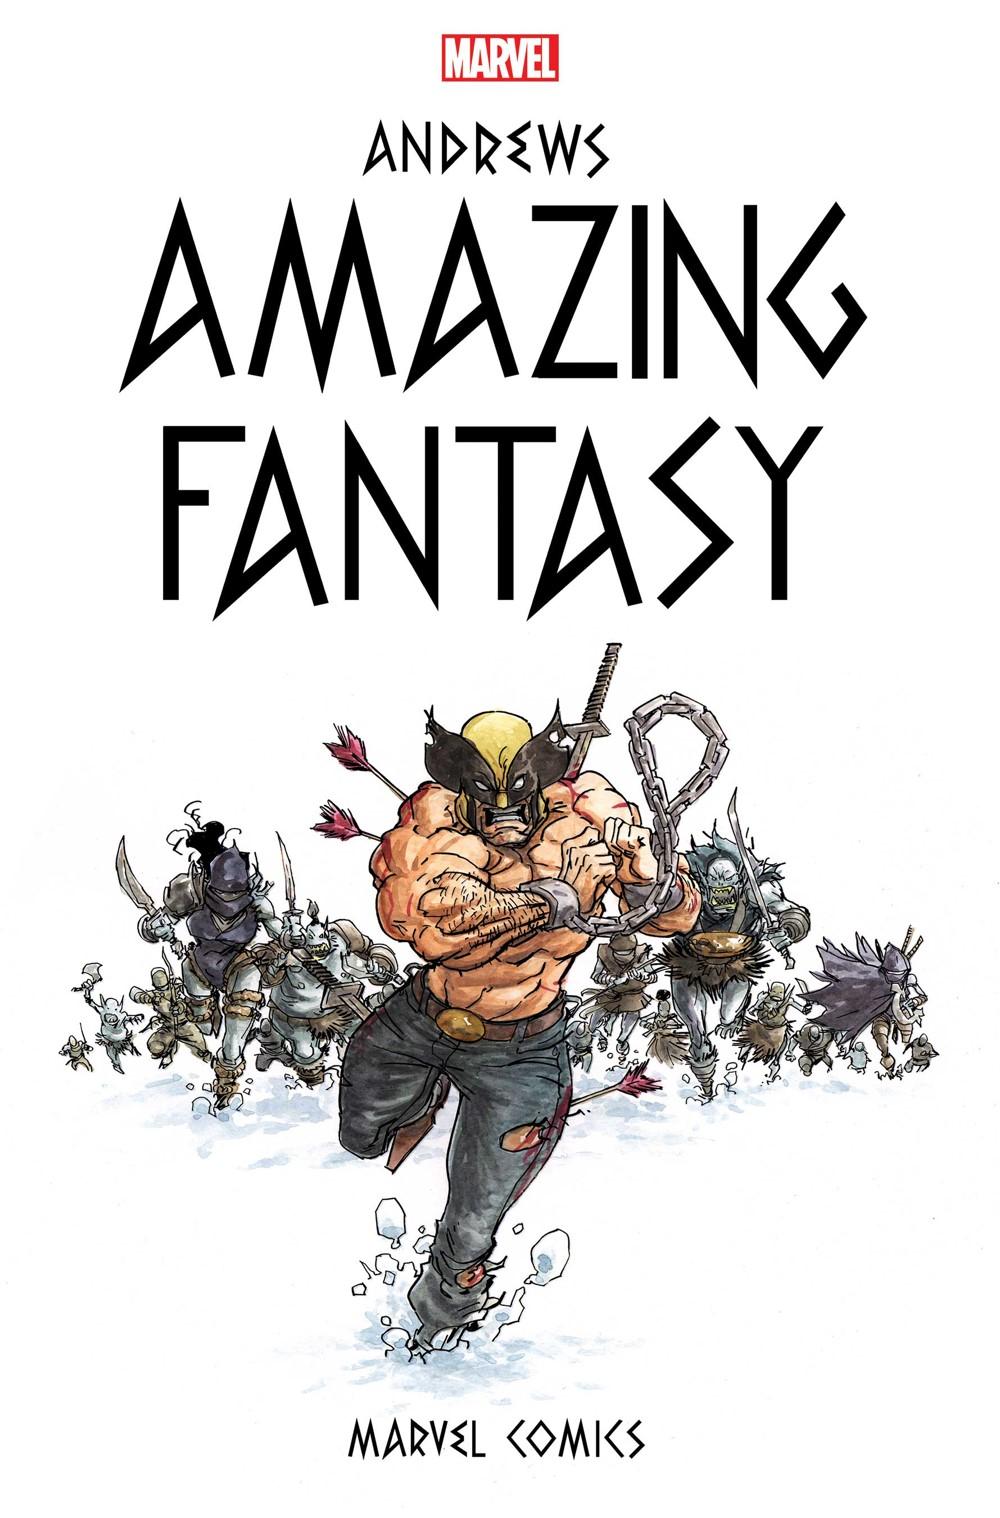 AMFAN2021004_Andrews-Var-Cov Marvel Comics October 2021 Solicitations